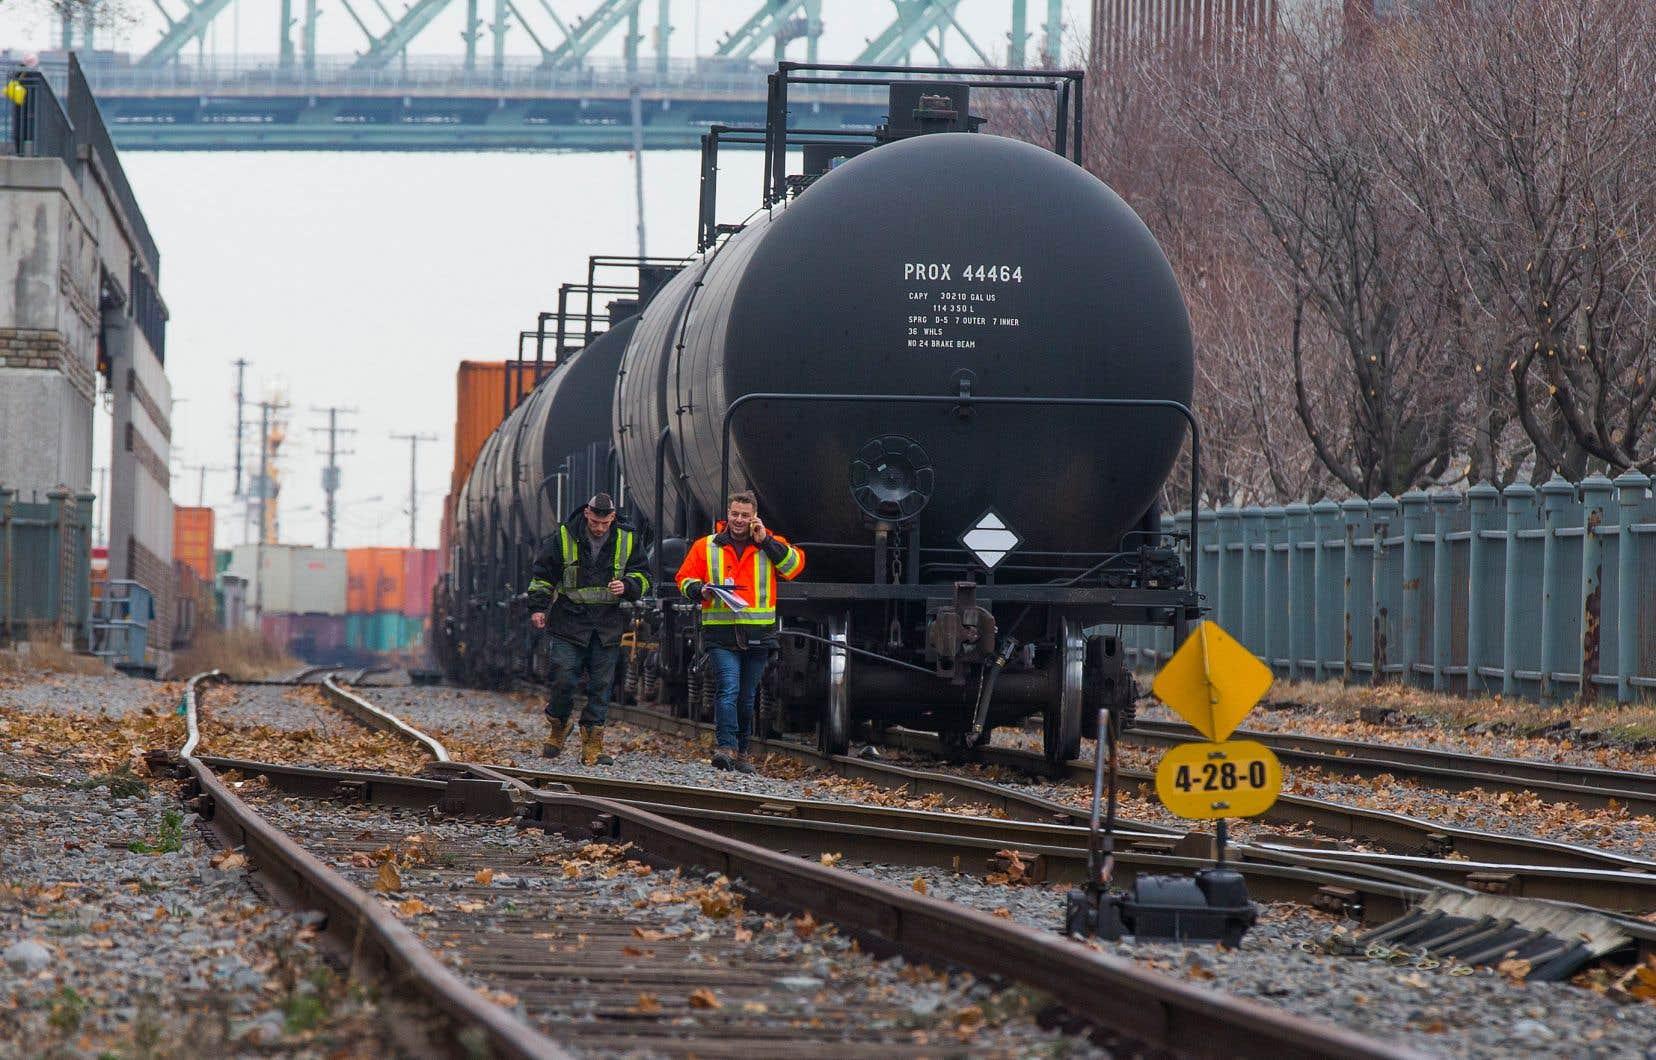 Les premières augmentations du prix du propame ont été observées le 18 novembre, soit 24 heures avant le débrayage de 3200 travailleurs du CN.